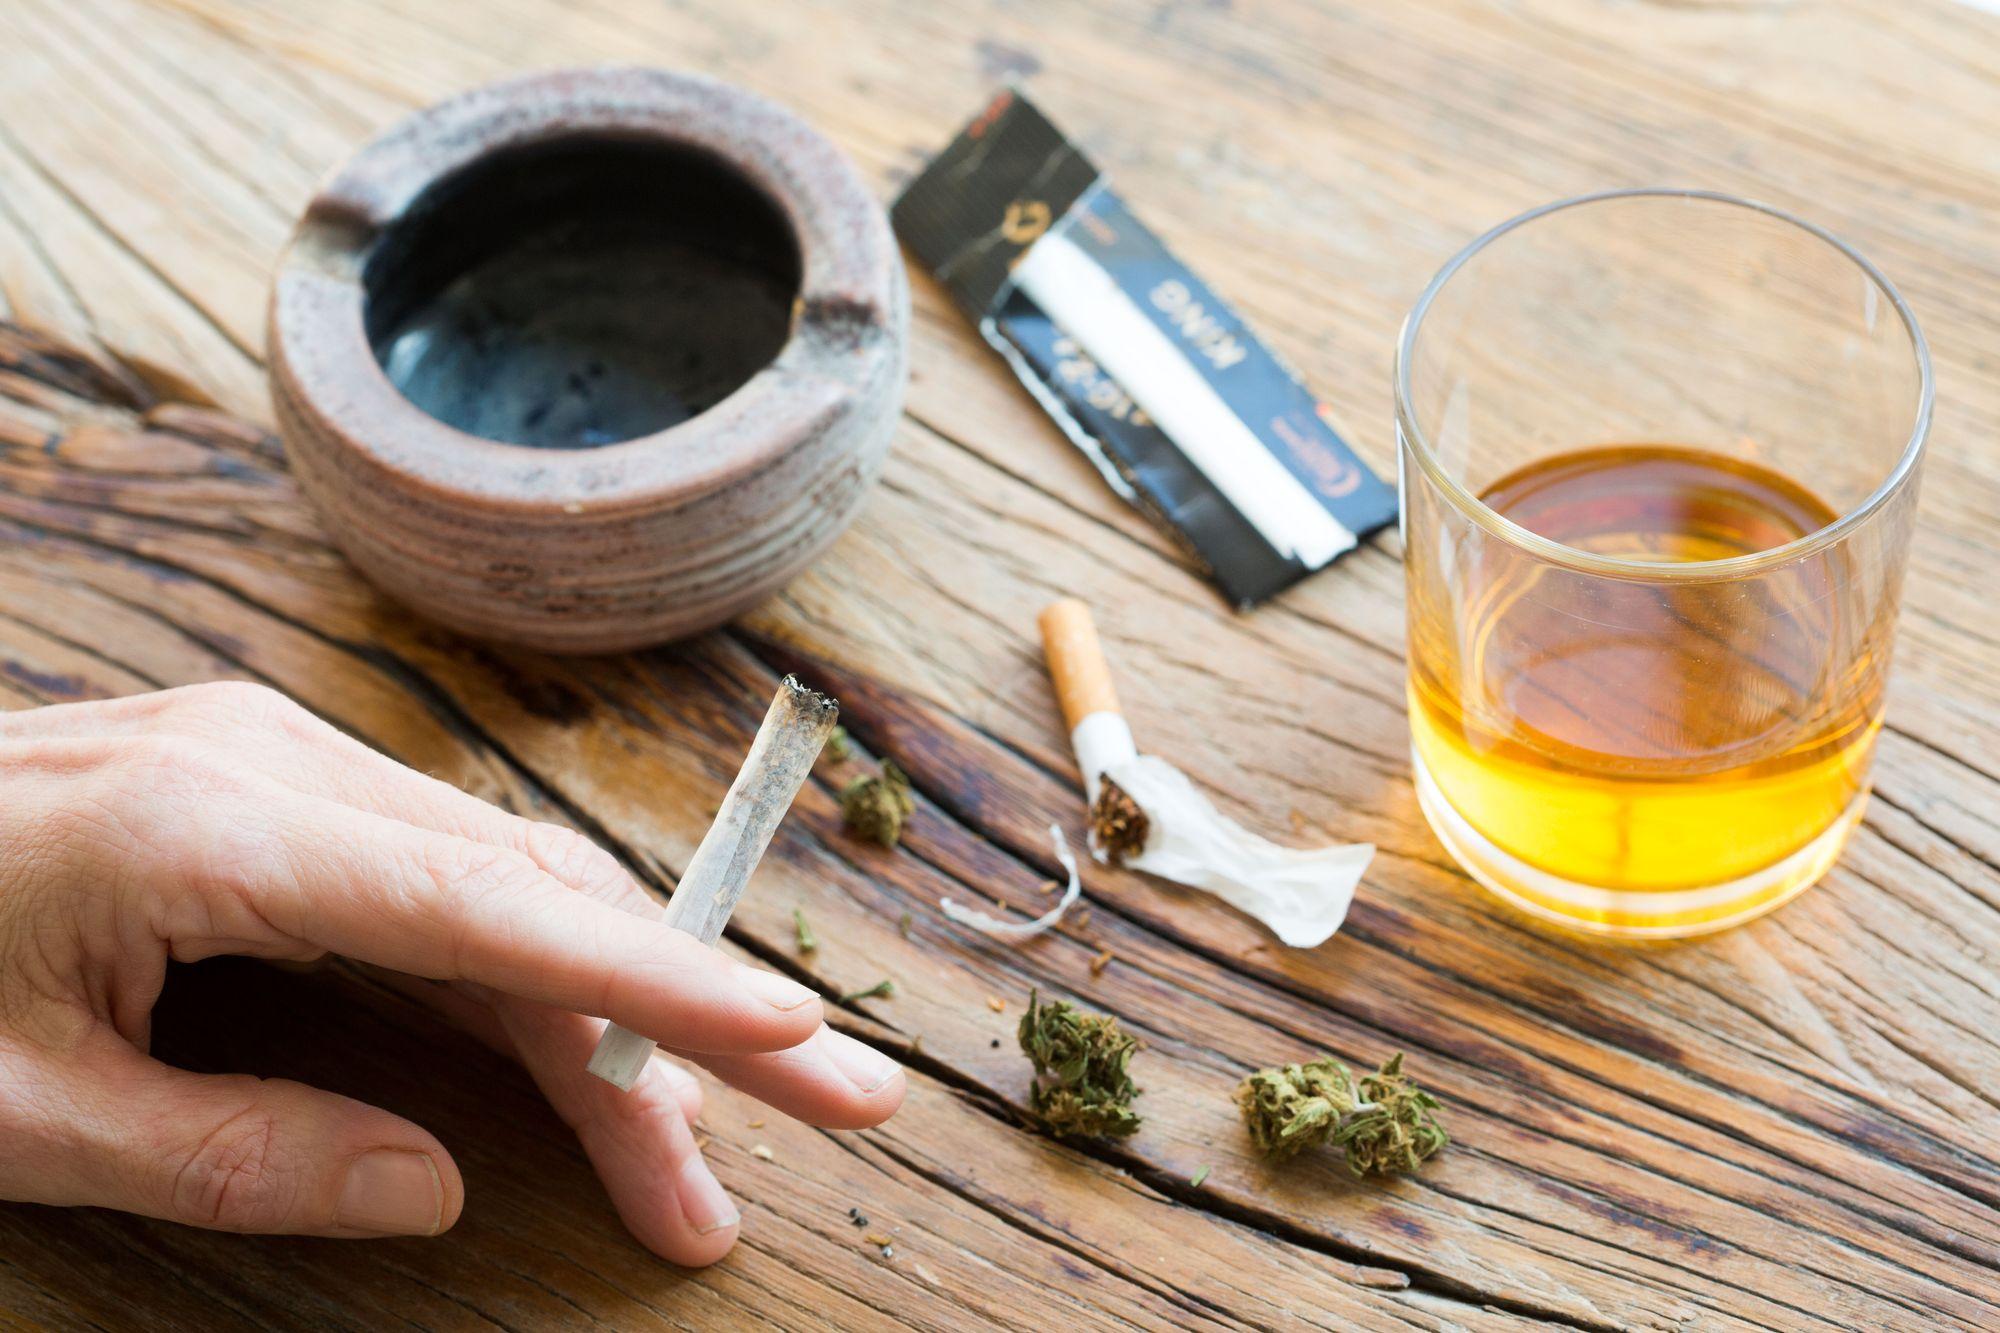 Le cannabis est légalisé au Canada - LINFO.re - Monde, Amérique